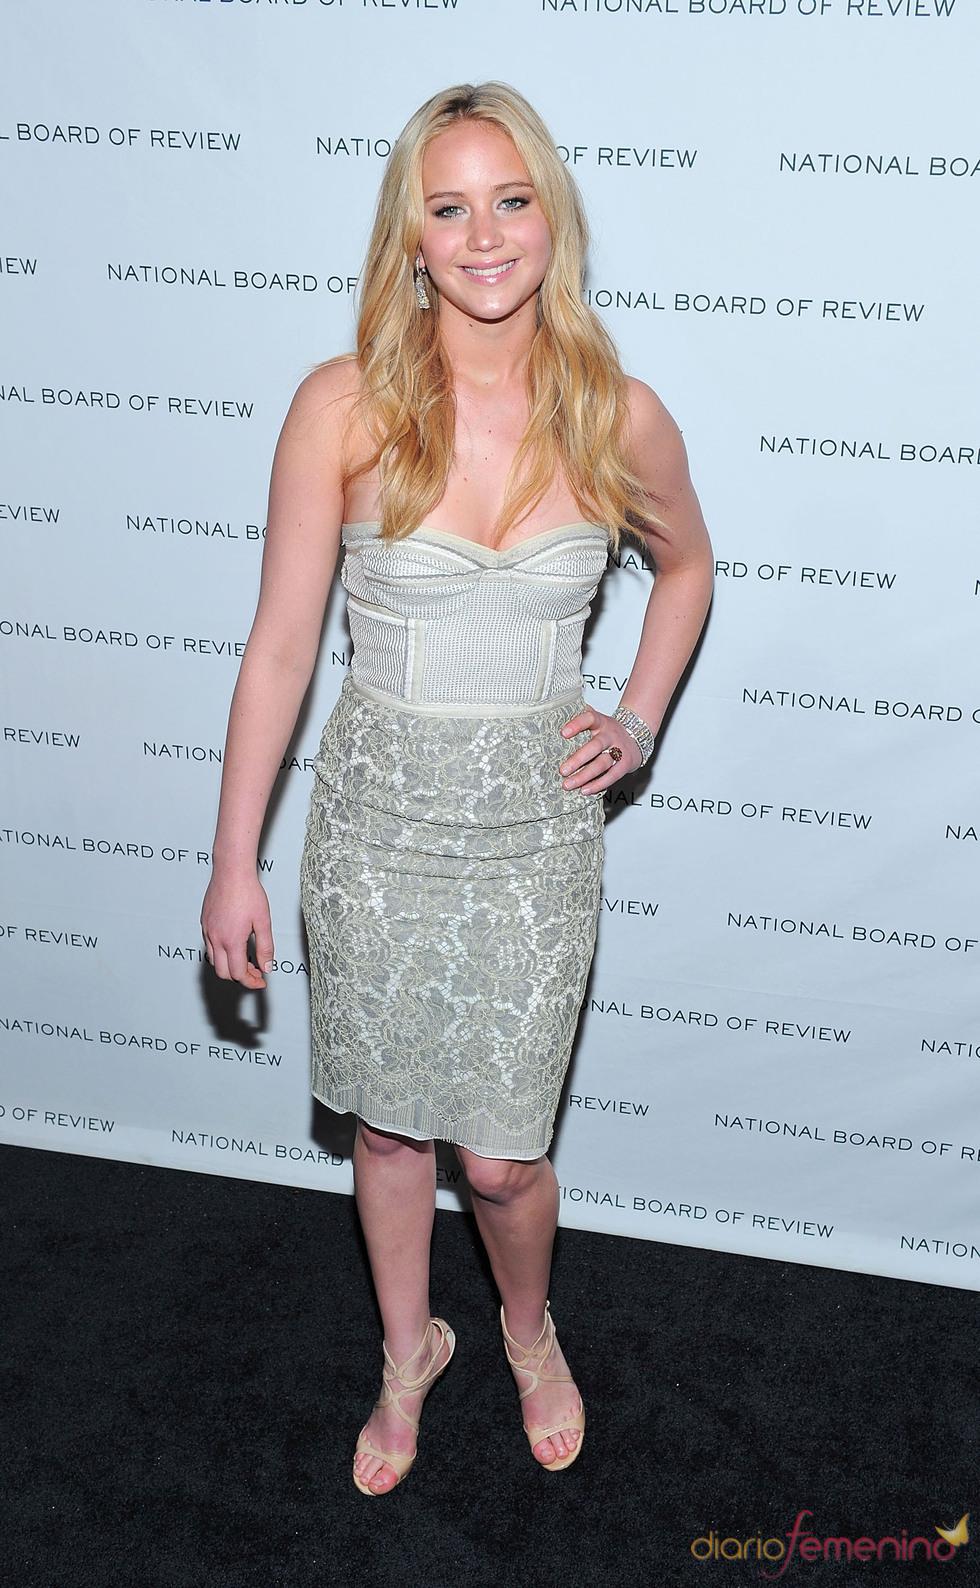 Jennifer Lawrence en los Premios de la Junta Nacional de Críticos